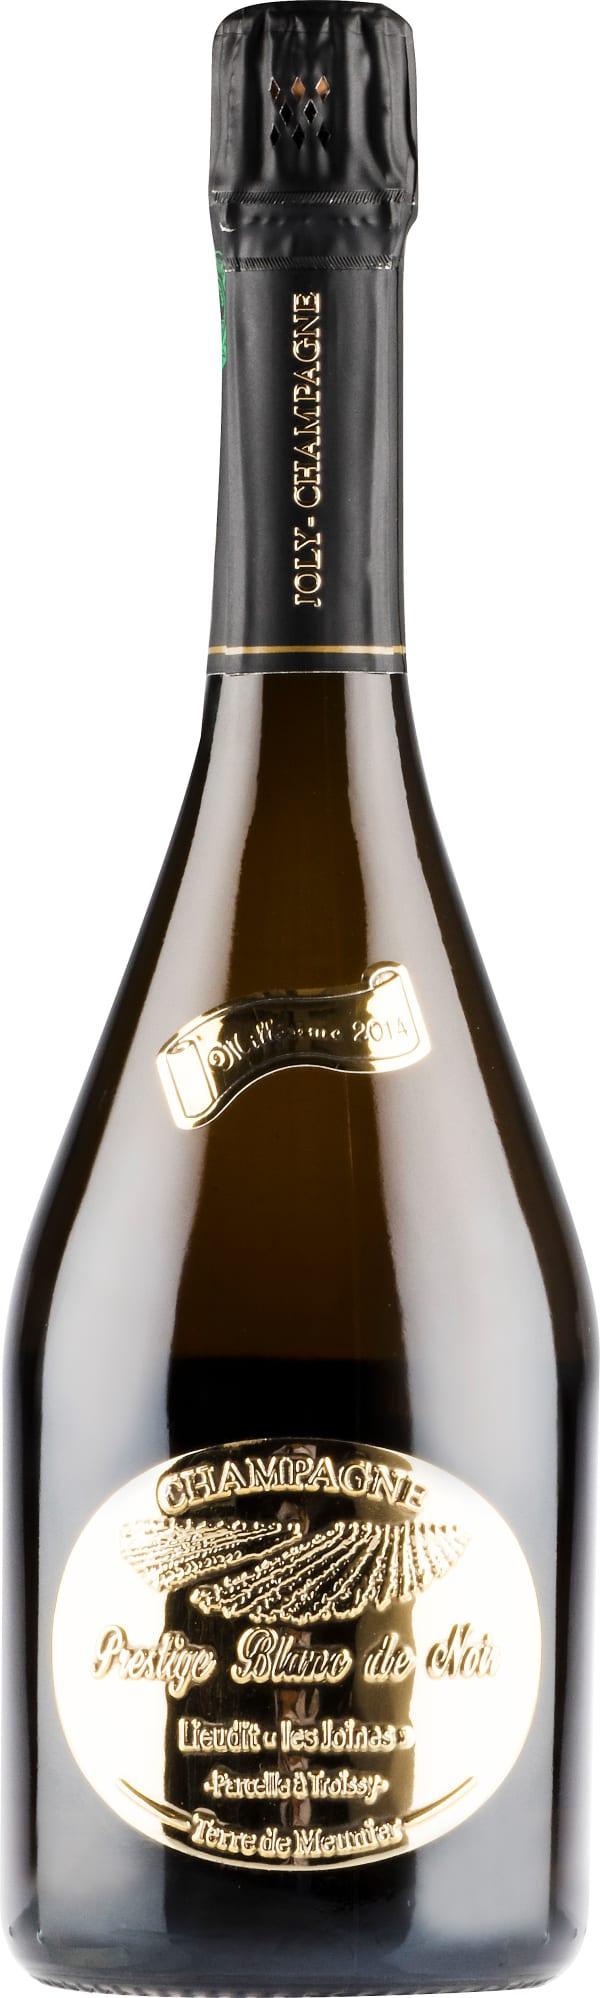 Joly Prestige Blanc de Noir Millésime Lieu-dit les Joines Champagne Brut 2014